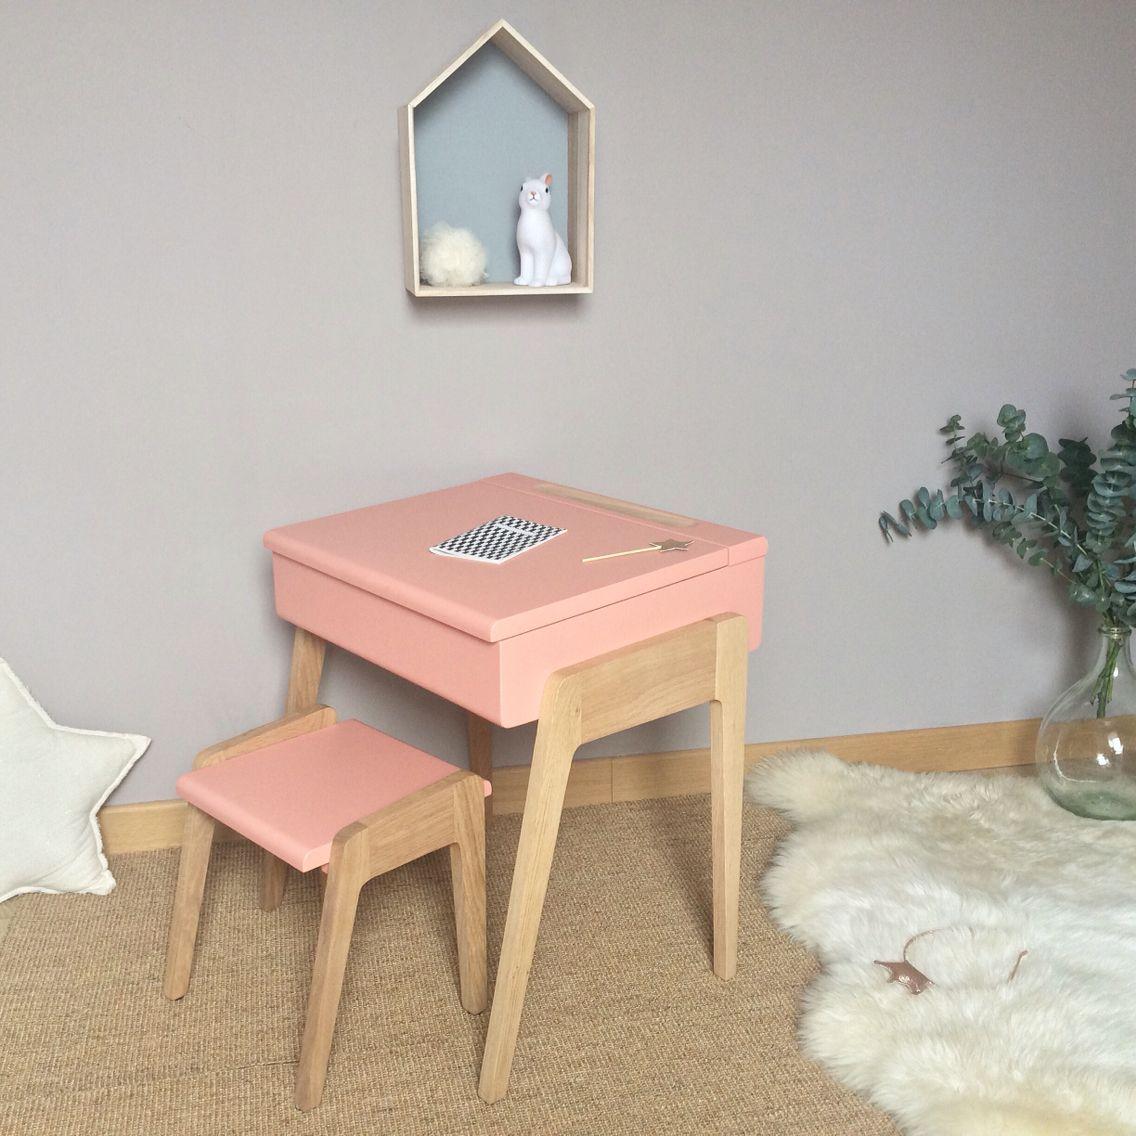 Bureau enfant style pupitre - My Little Pupitre - Rose rétro - Chêne ...